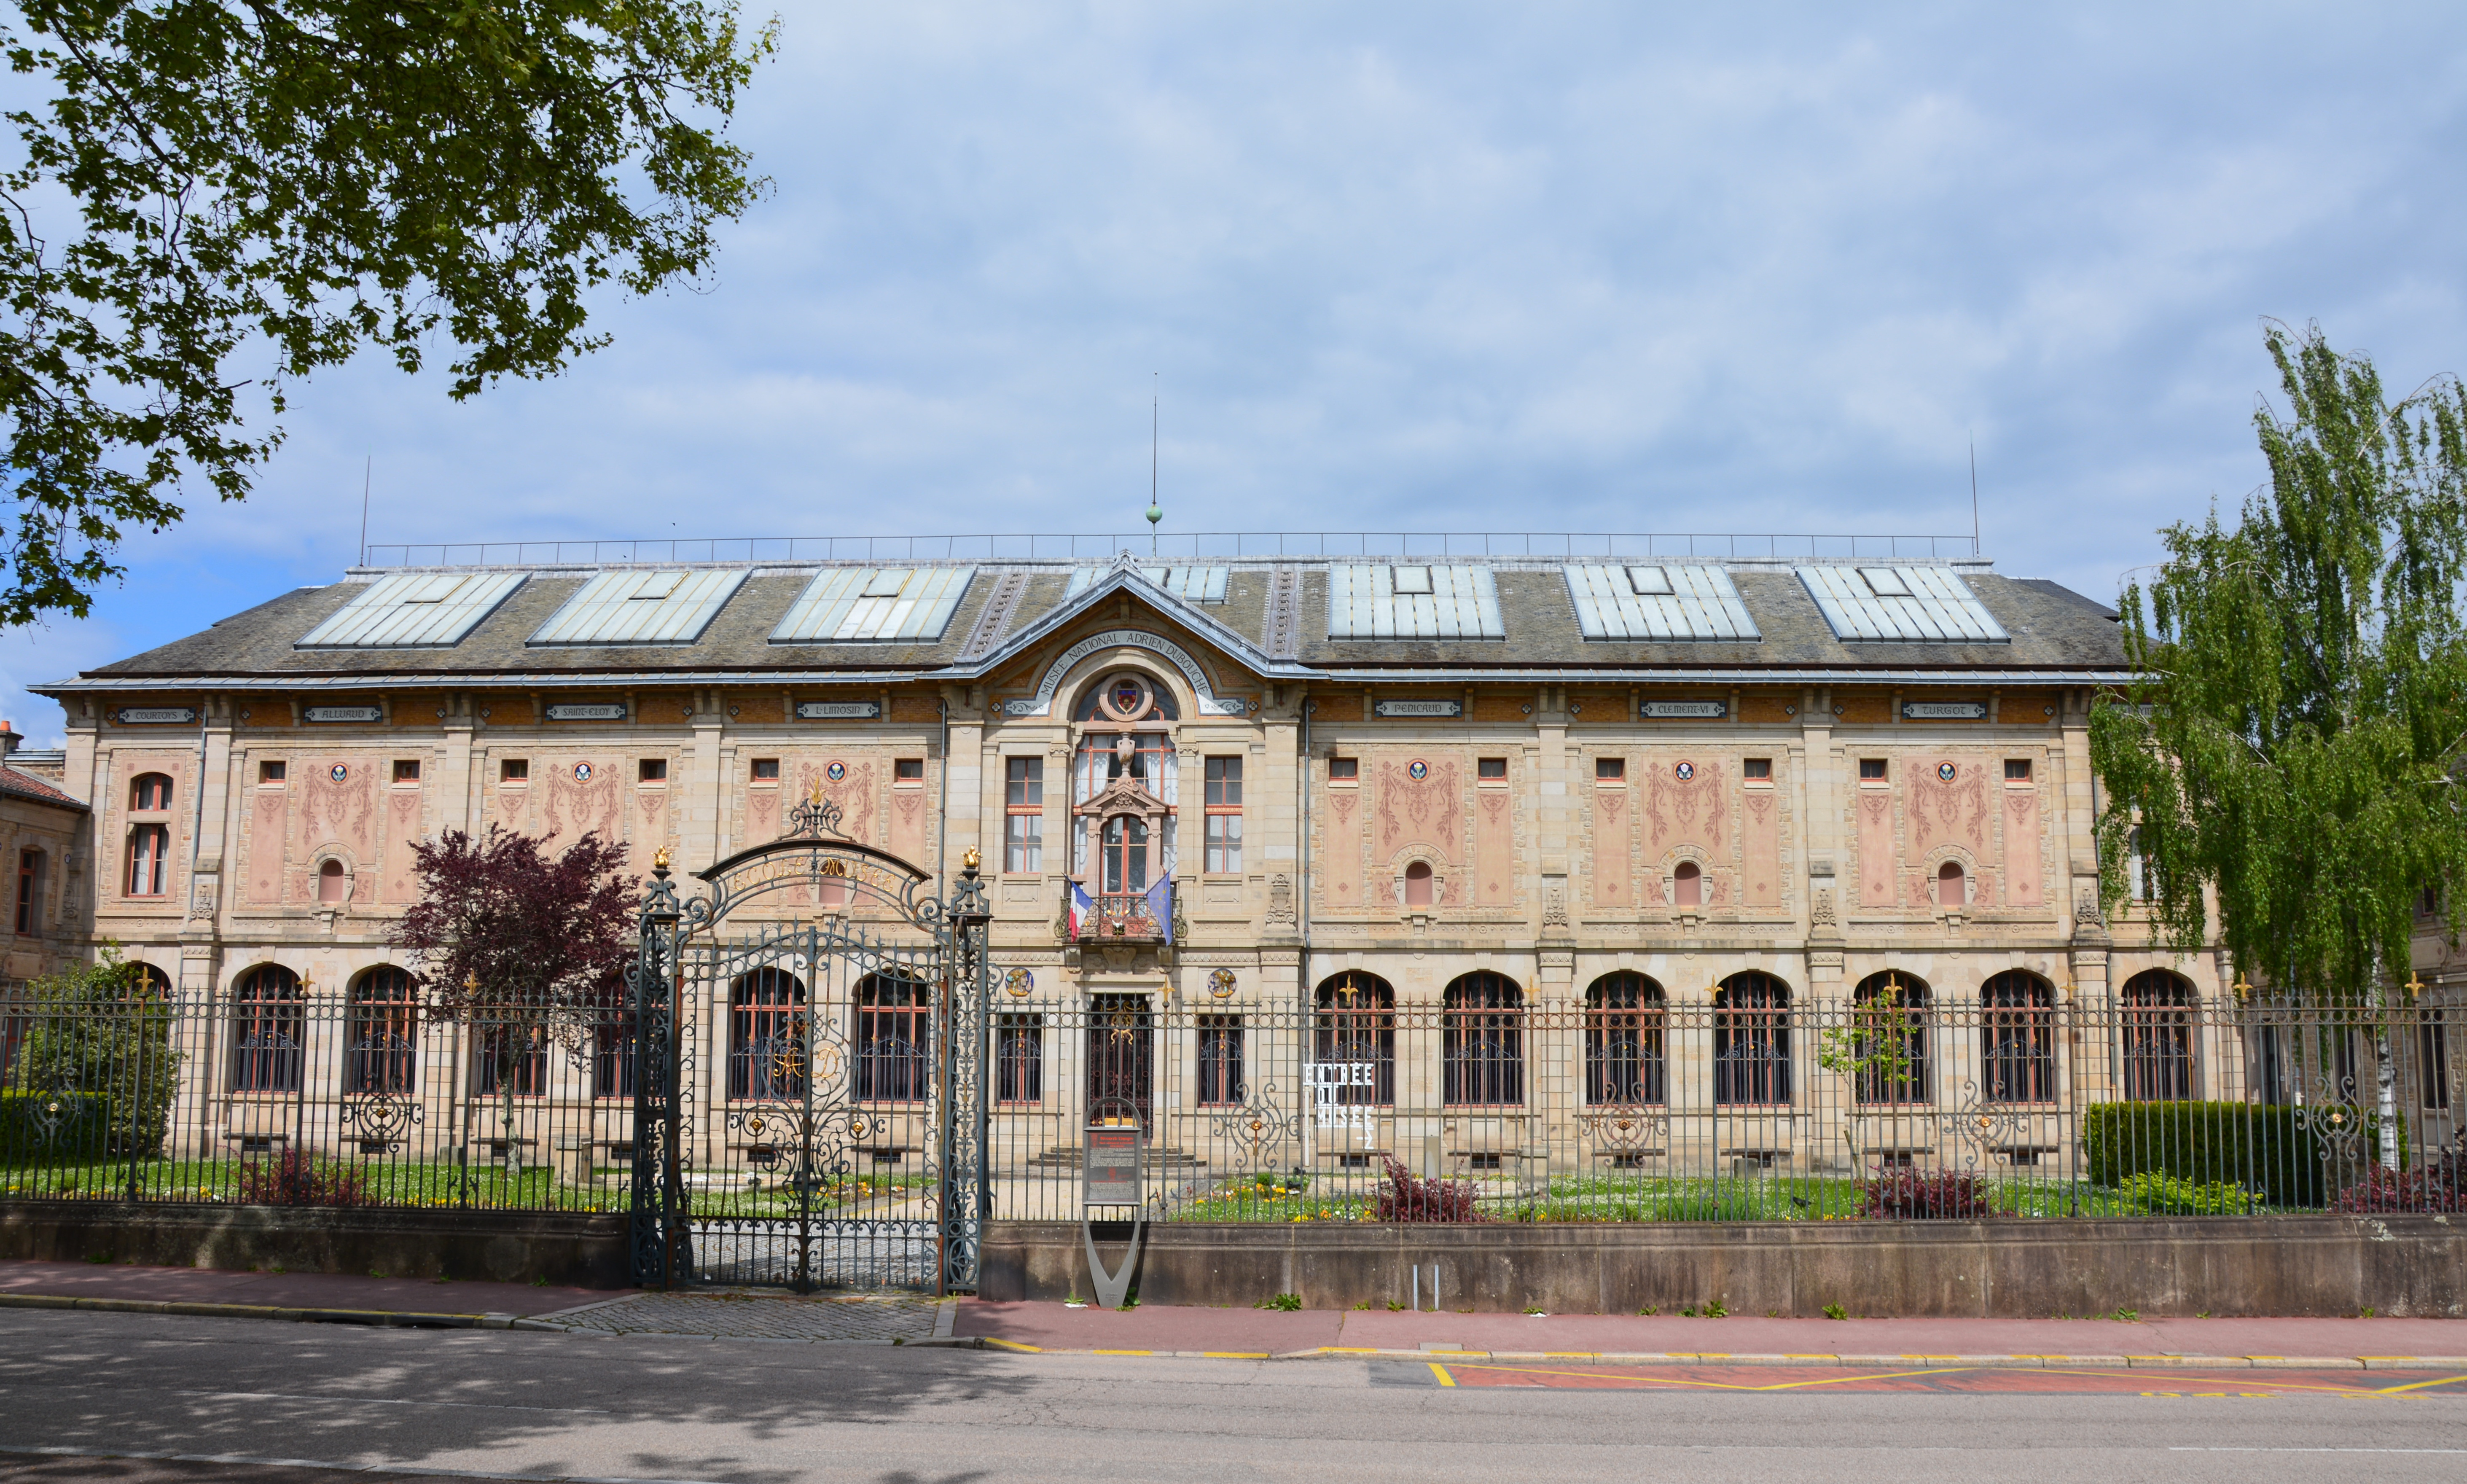 Vorderseite des historischen Gebäudes von 1900, Musée National Adrien Dubouché